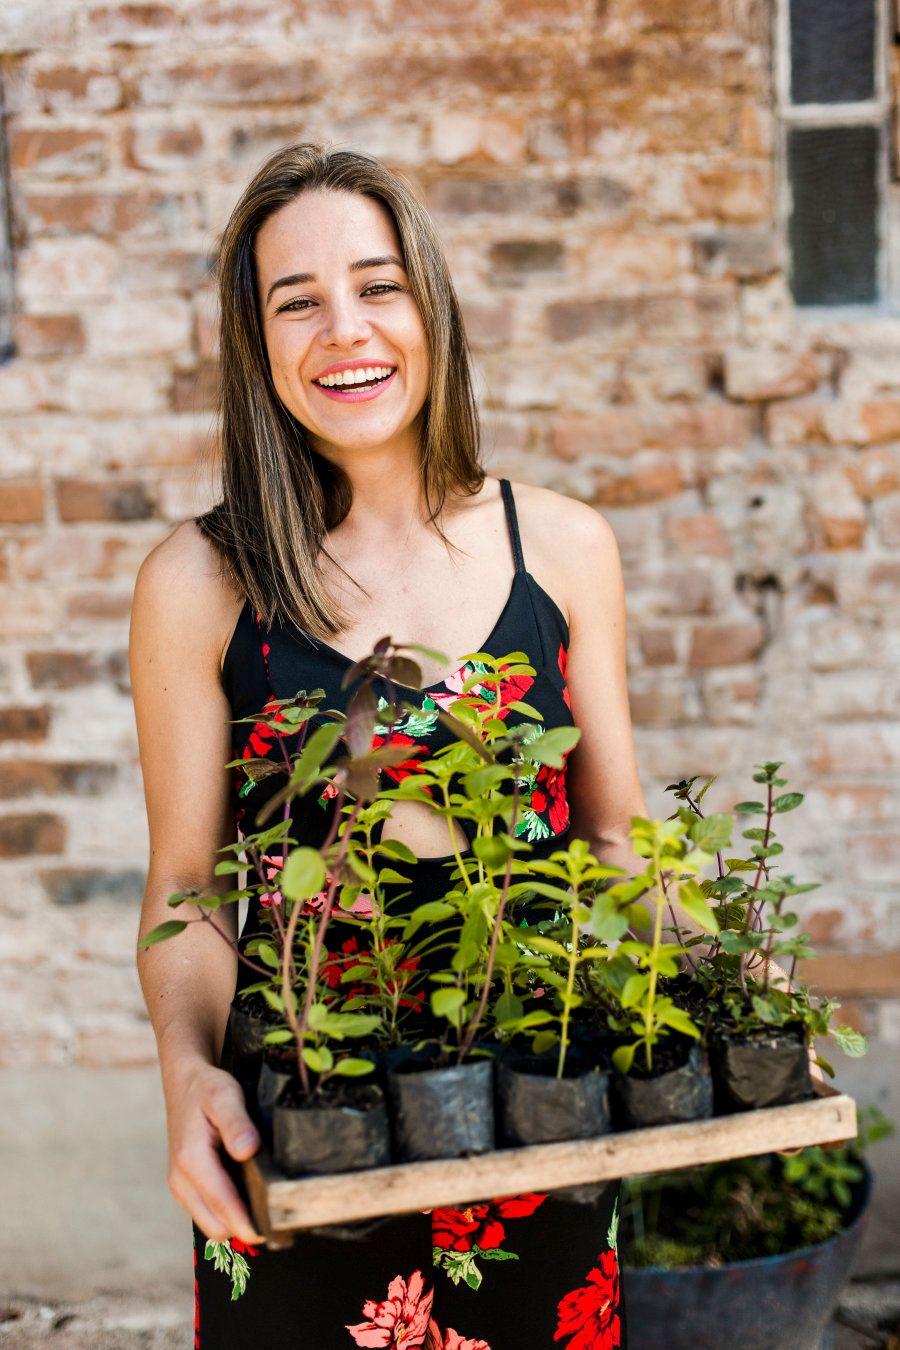 A empresa de Natália recolhe resíduos orgânicos de residências e firmas e devolve a elas adubo orgânico...